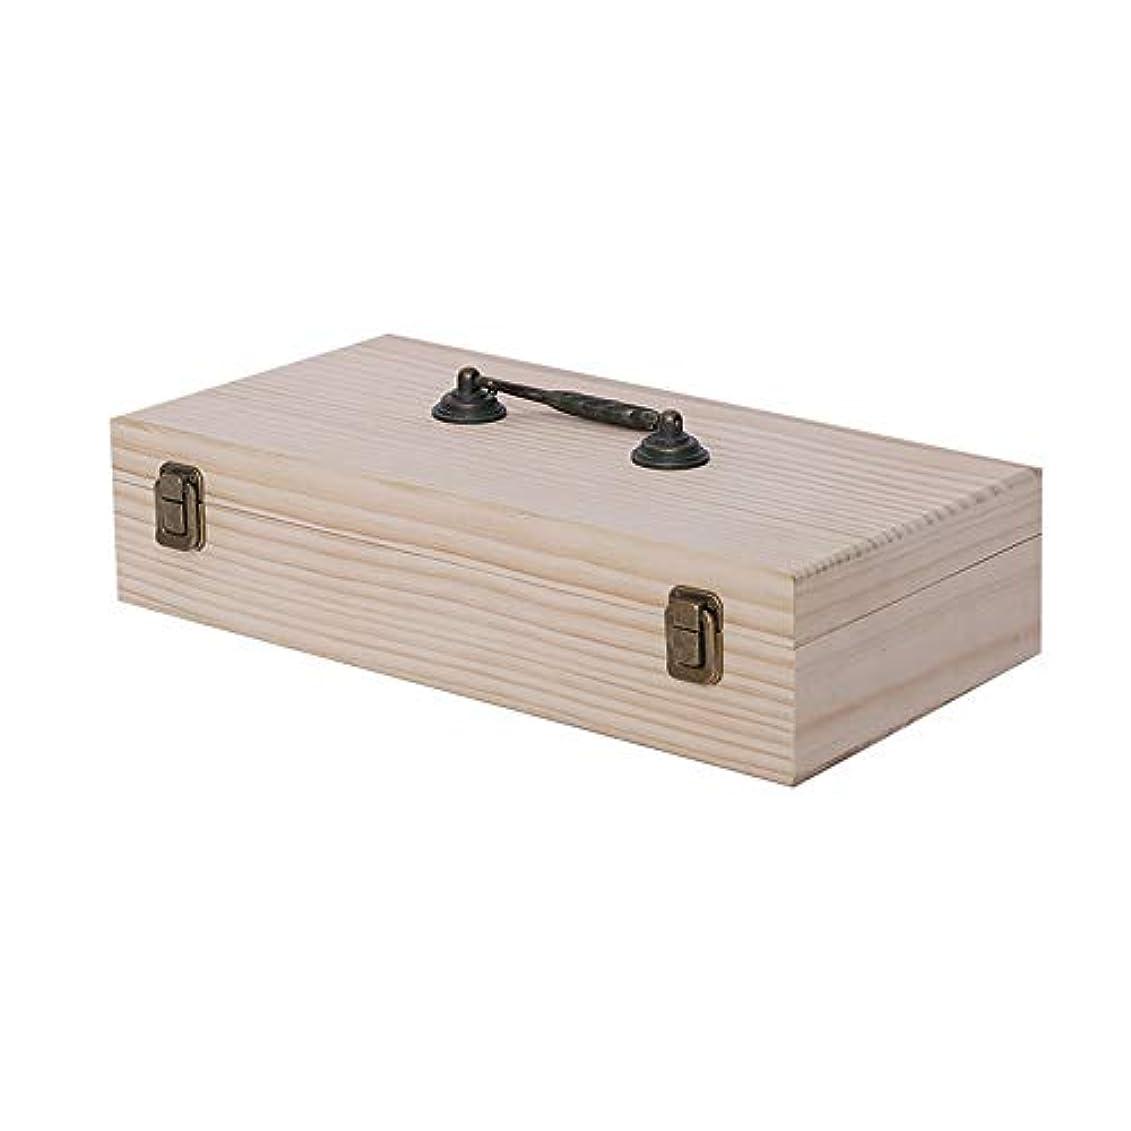 四分円編集する悪性腫瘍エッセンシャルオイル収納ボックス 46スロット木製エッセンシャルオイルボックスが収納ディスプレイの旅行プレゼンテーション用ケースオーガナイザーホルダーキャリーは、エレガントな装飾的なデザインでは5?15ミリリットルボトル...